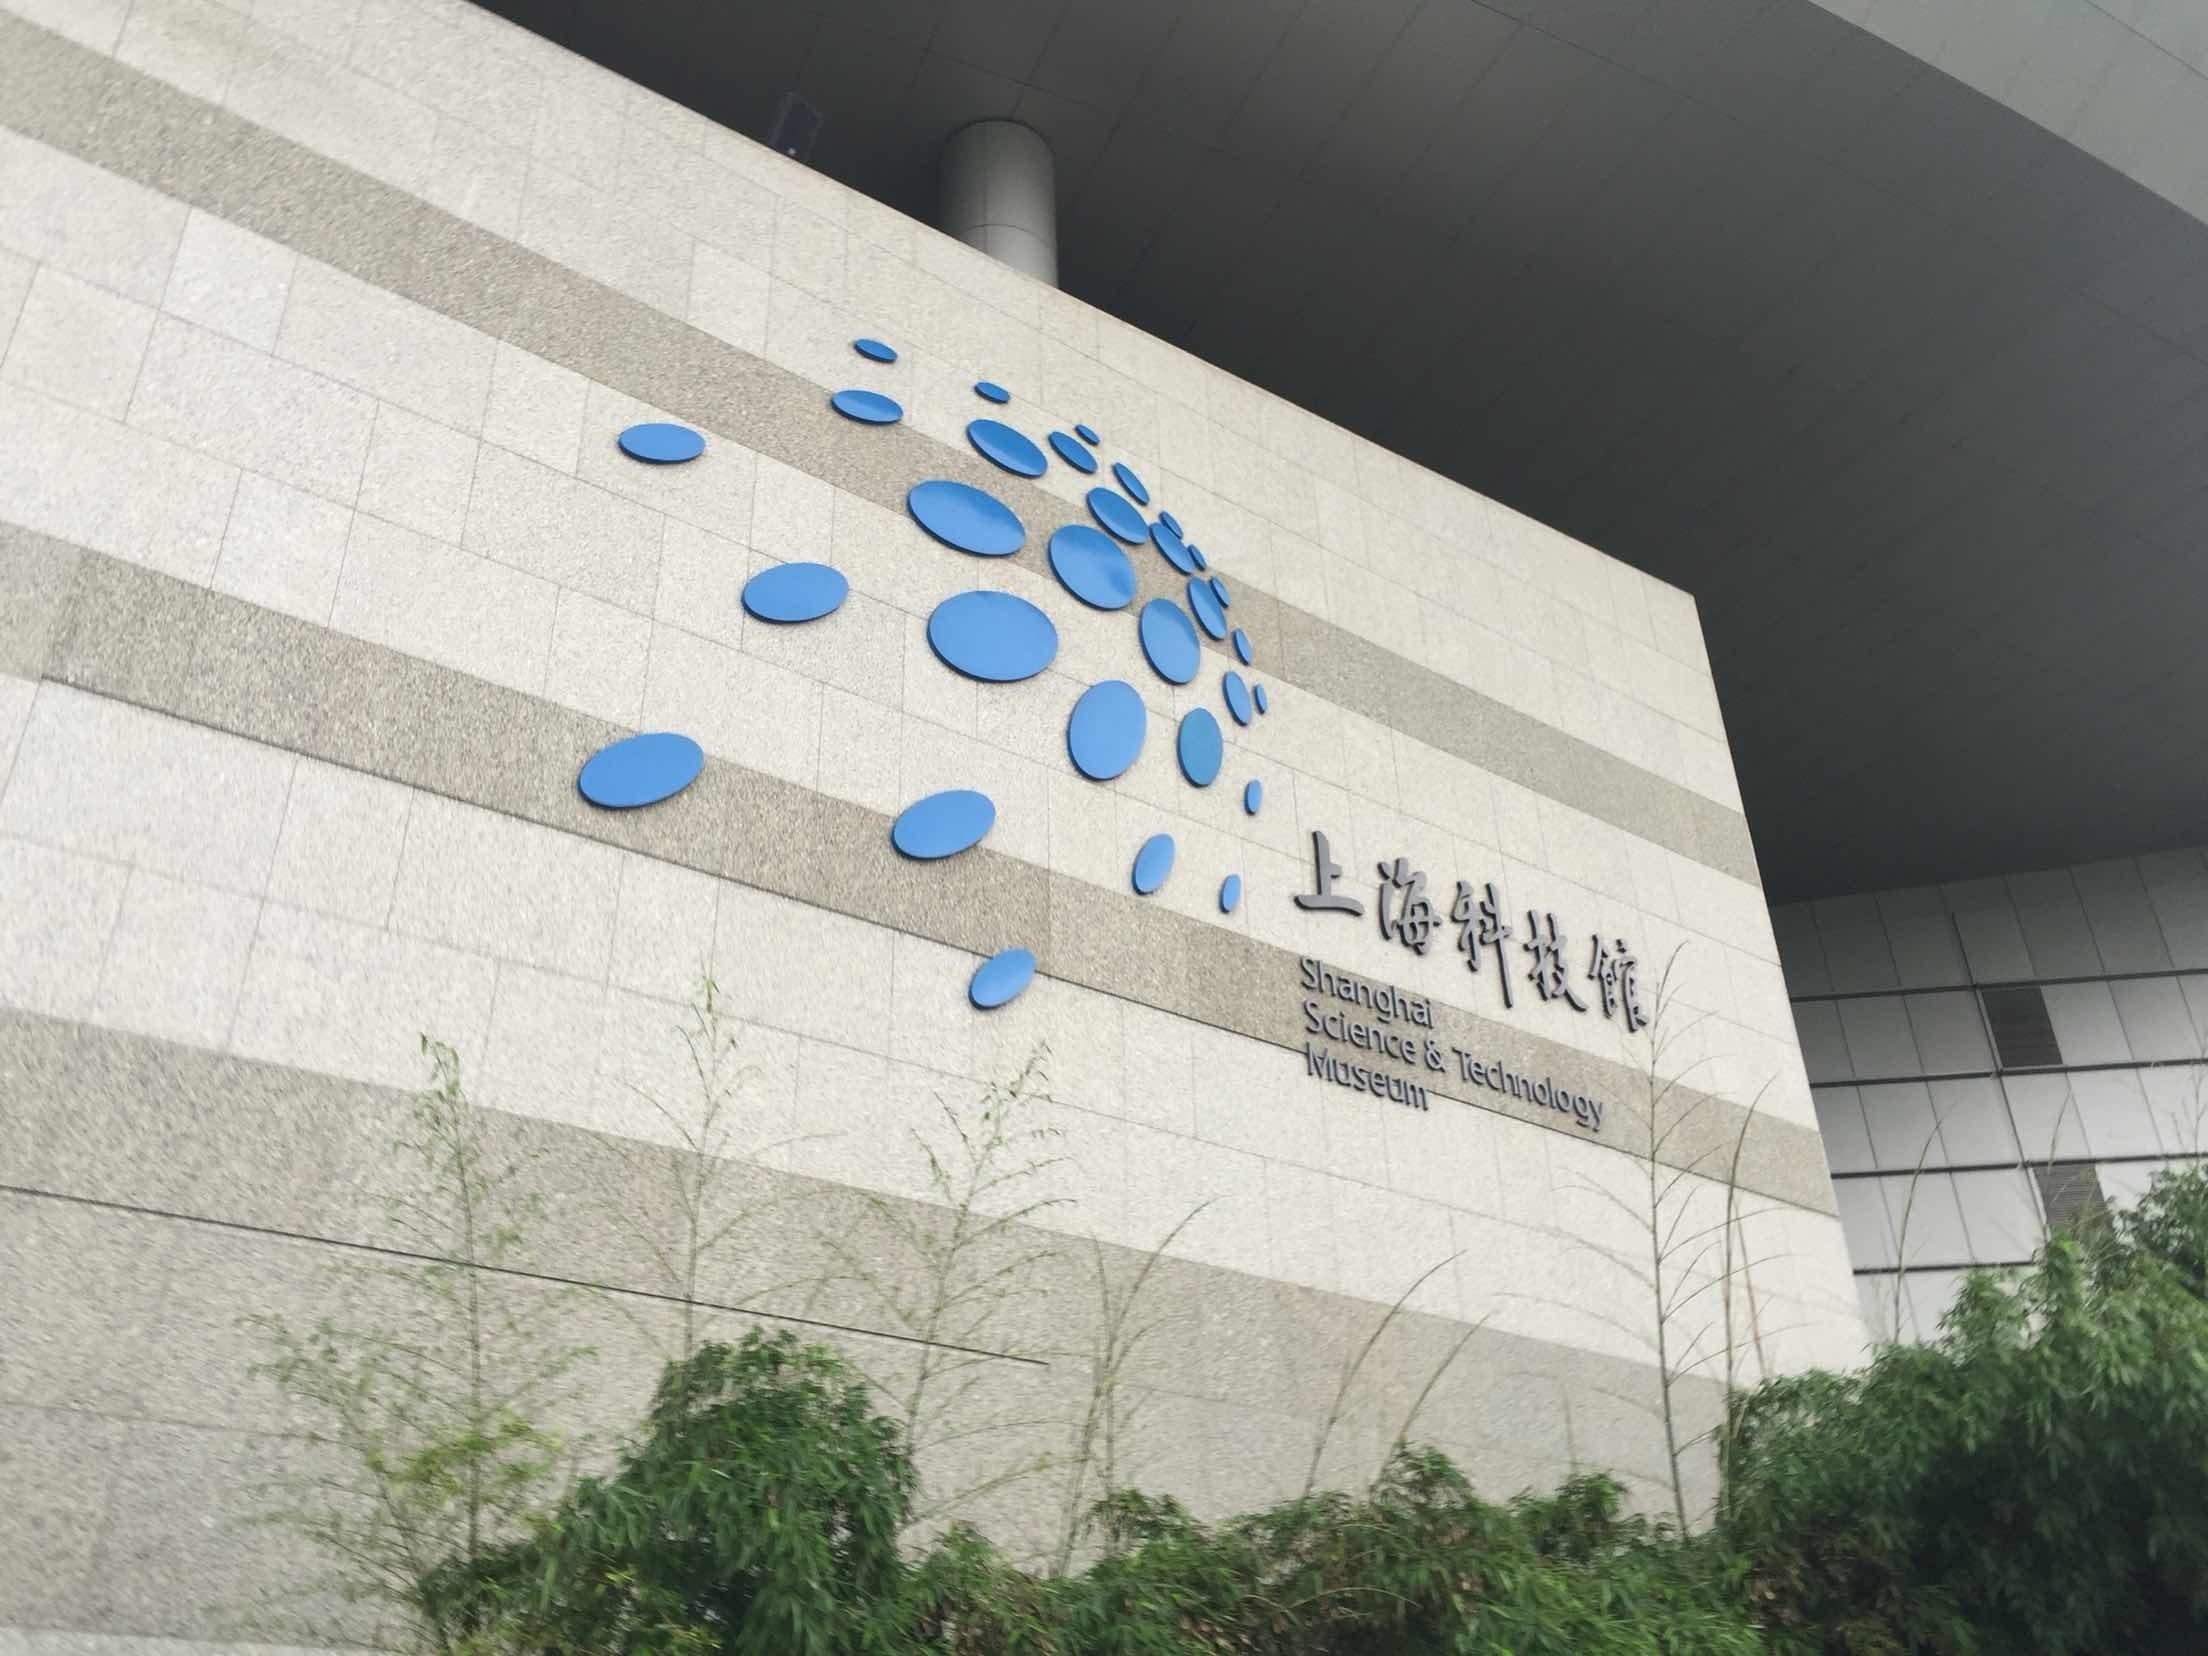 上海科技馆使用 Cymatic Audio uTrack 24 录音机